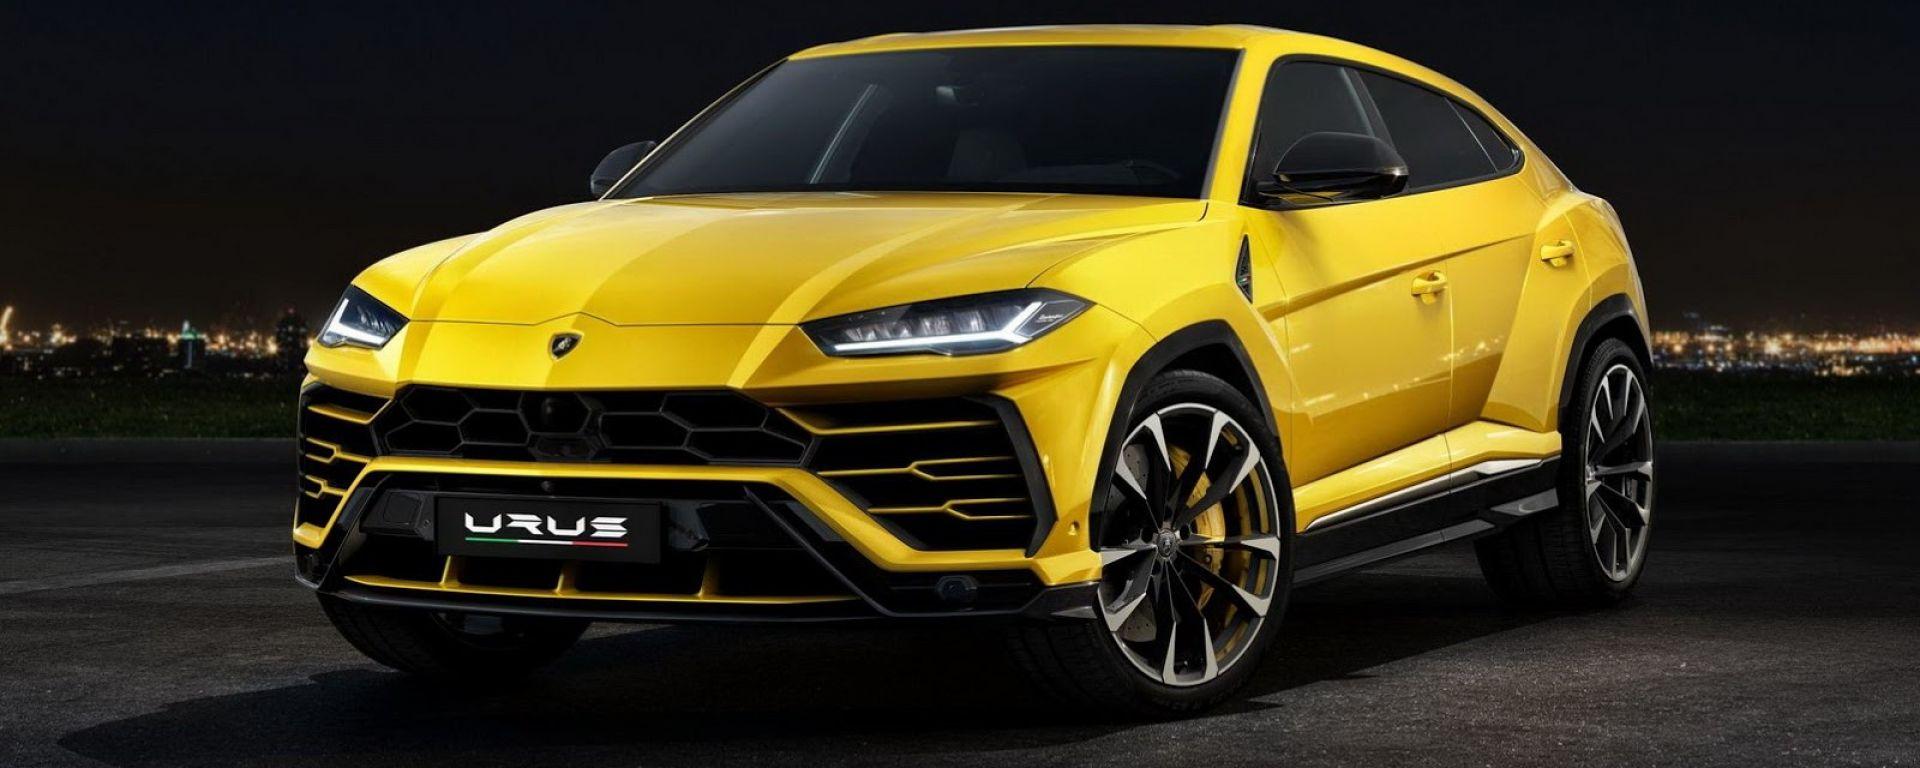 La Lamborghini  Urus ai raggi X: tutto sul nuovo super suv